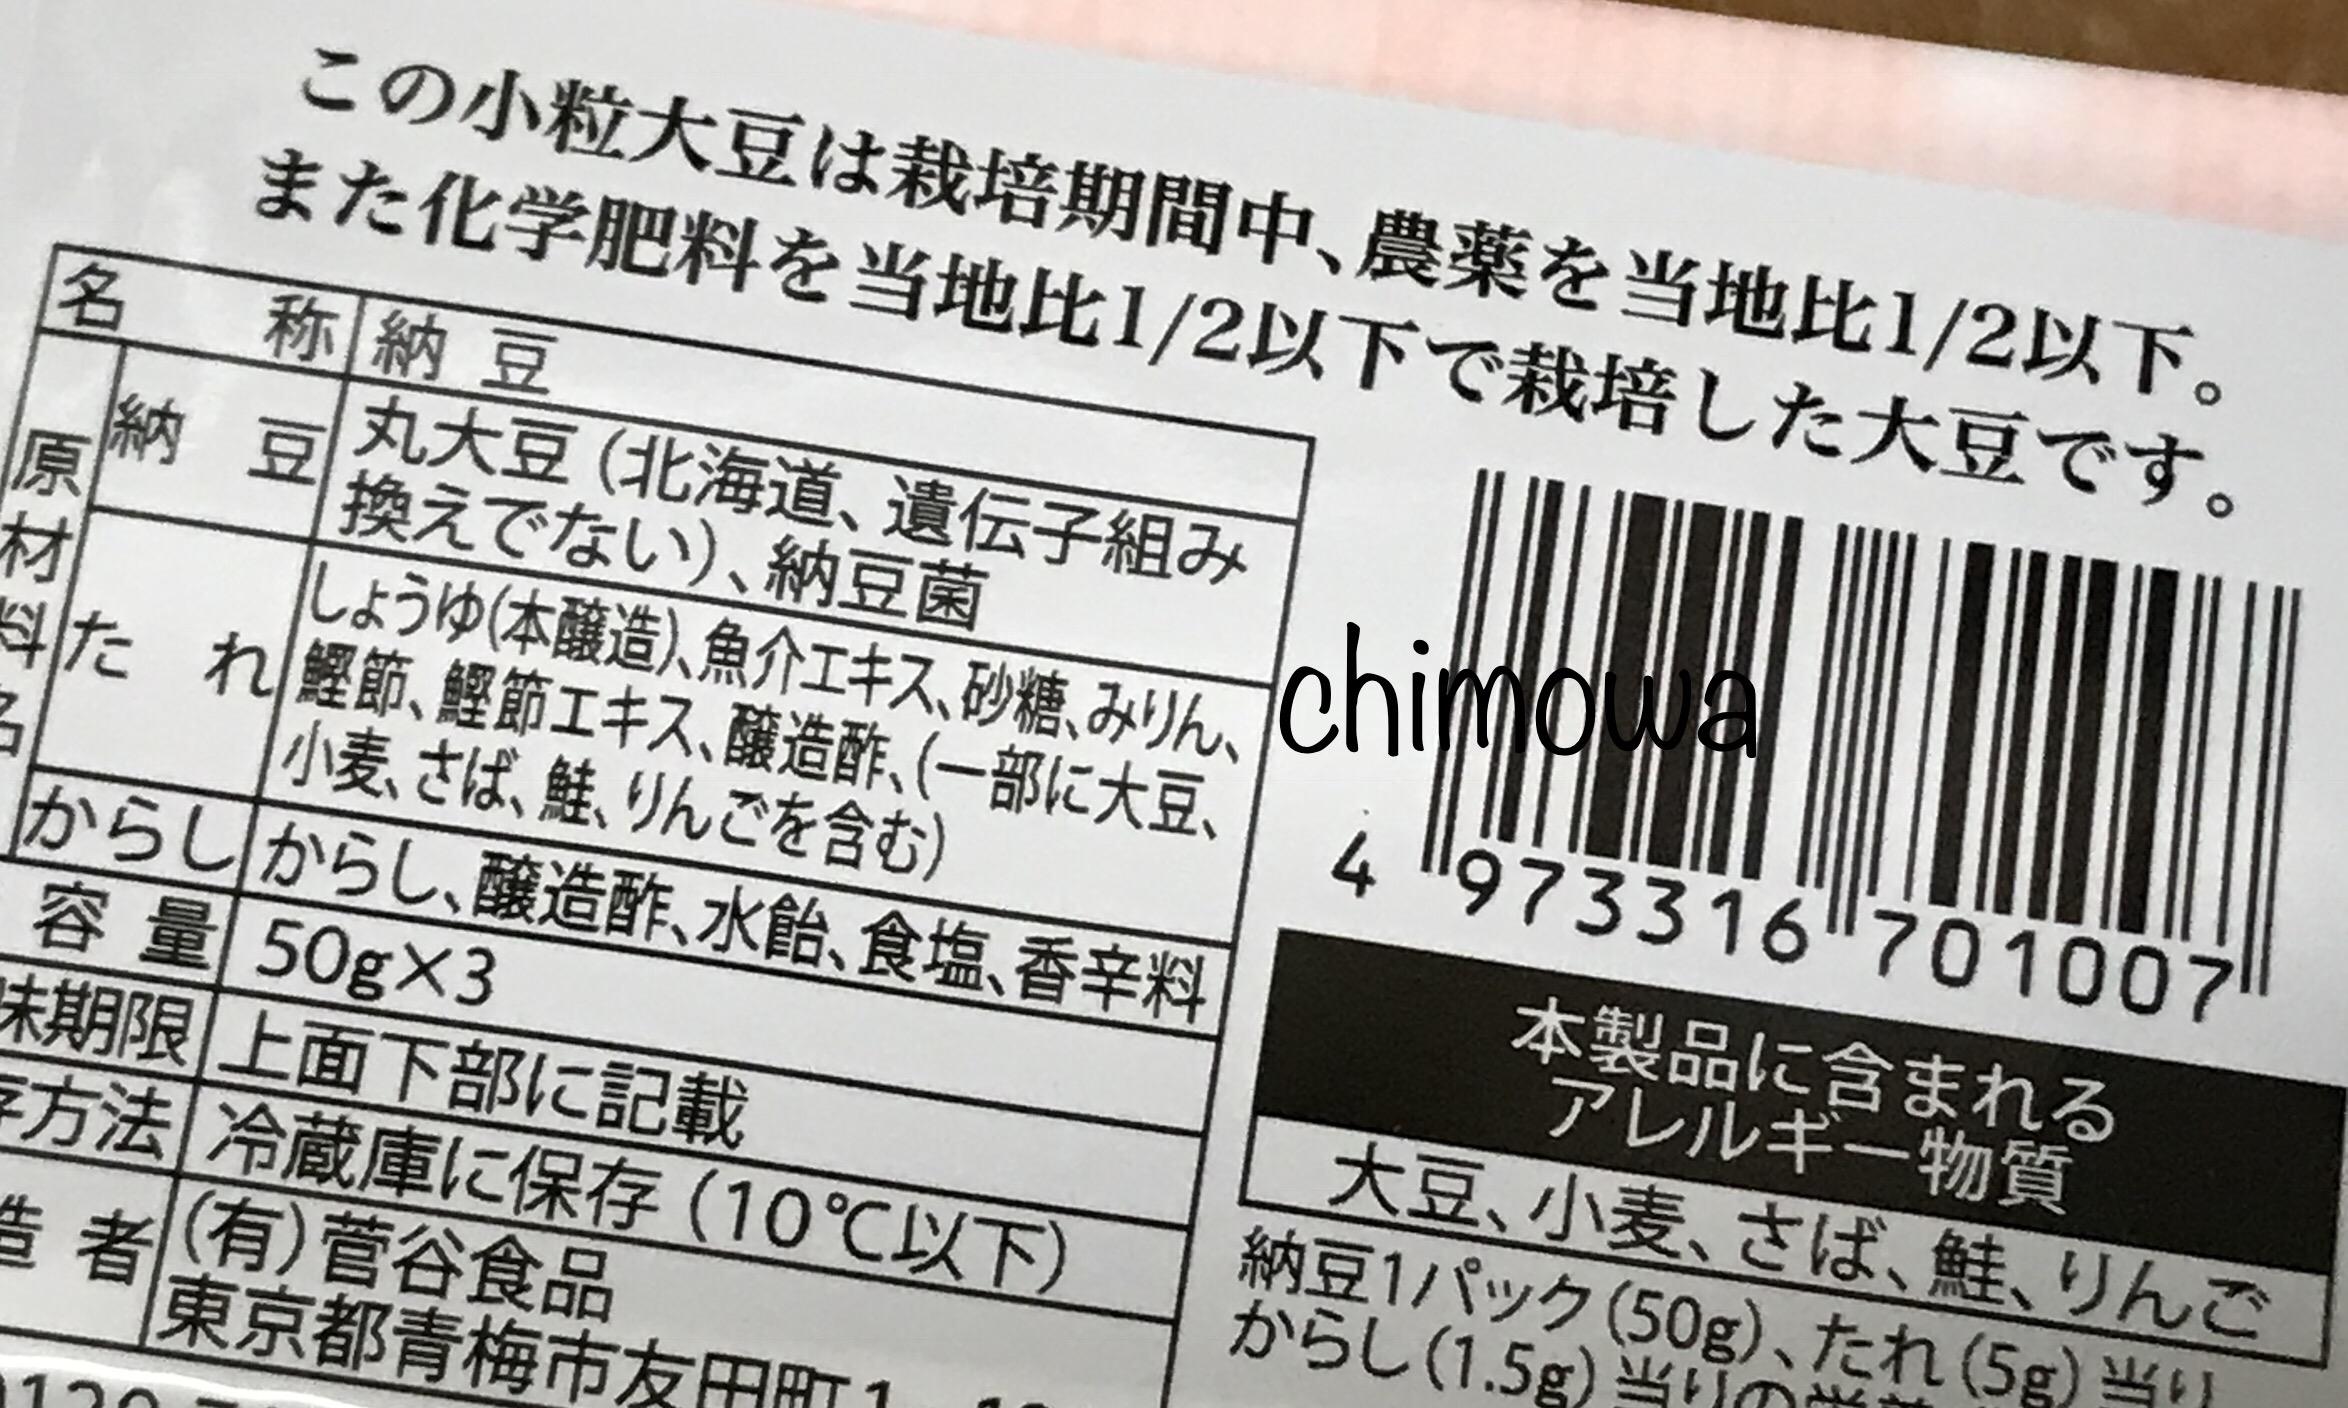 イセタンドア 菅谷食品の国産小粒納豆雪こつぶの原材料名